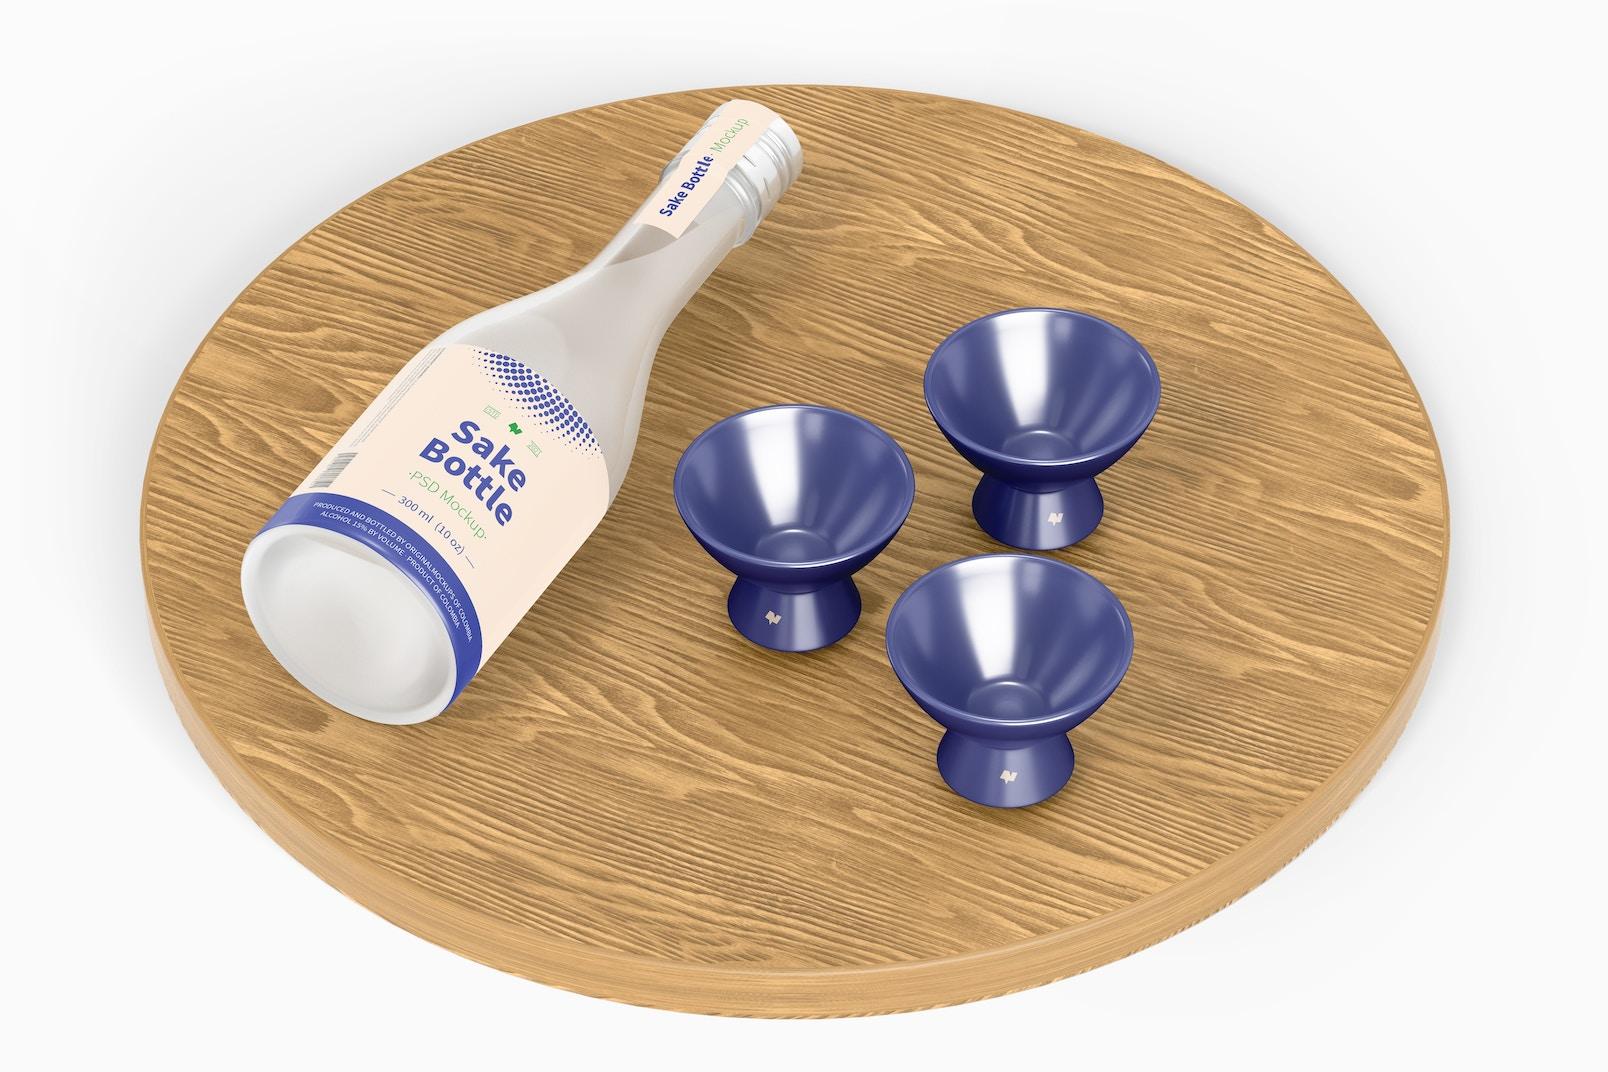 Sake Bottle Mockup, Perspective